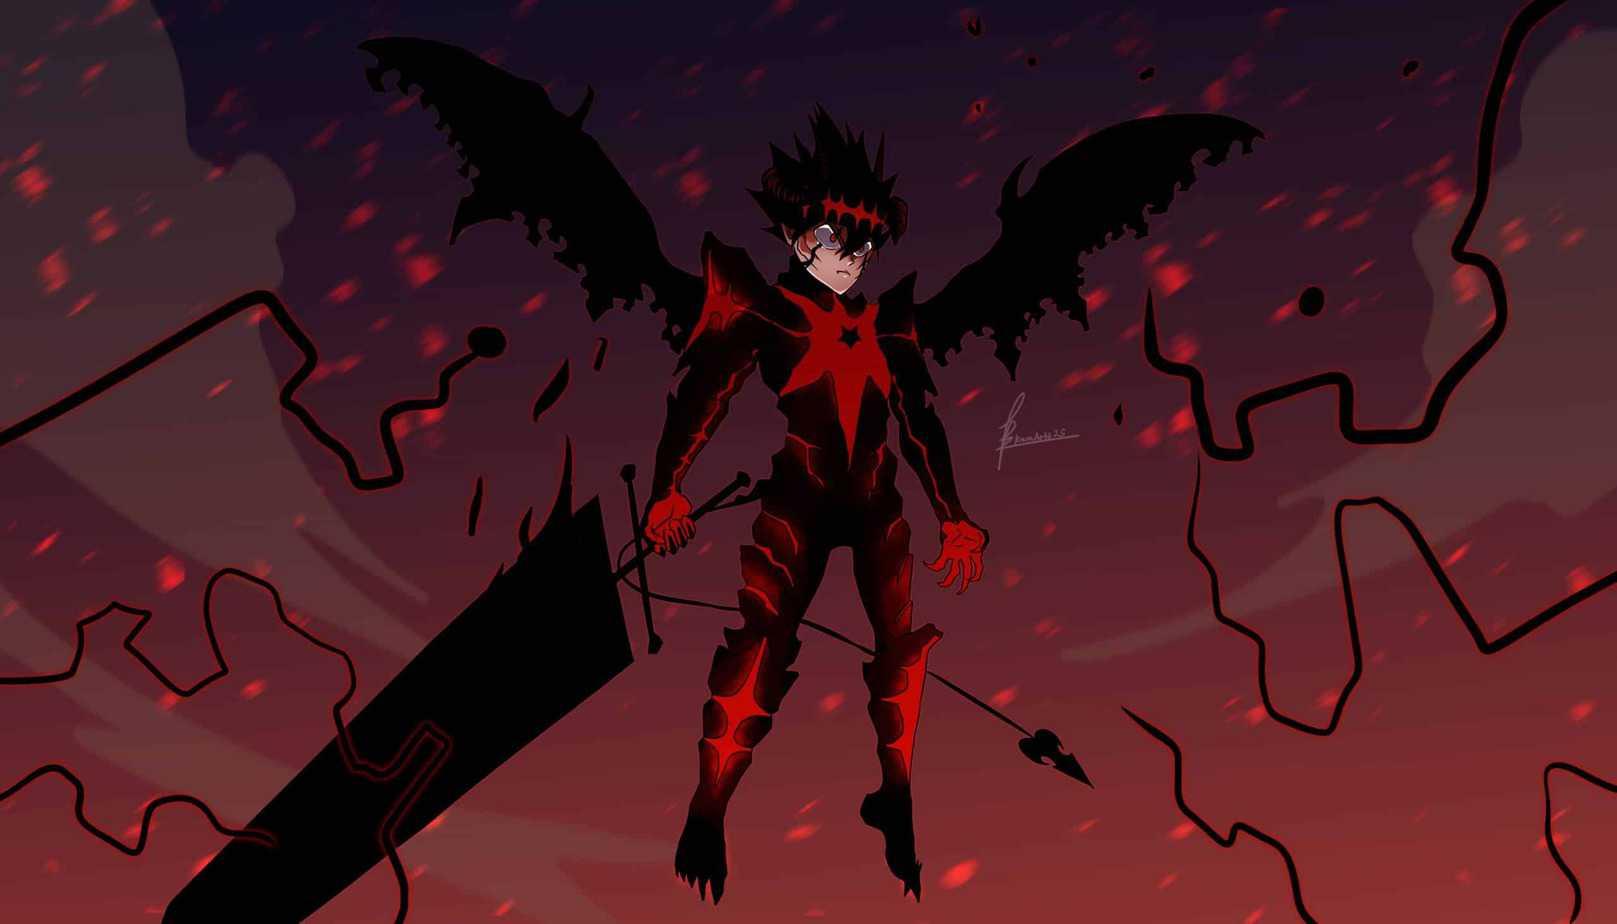 Black-Clover-chapitre-283-full-power 3